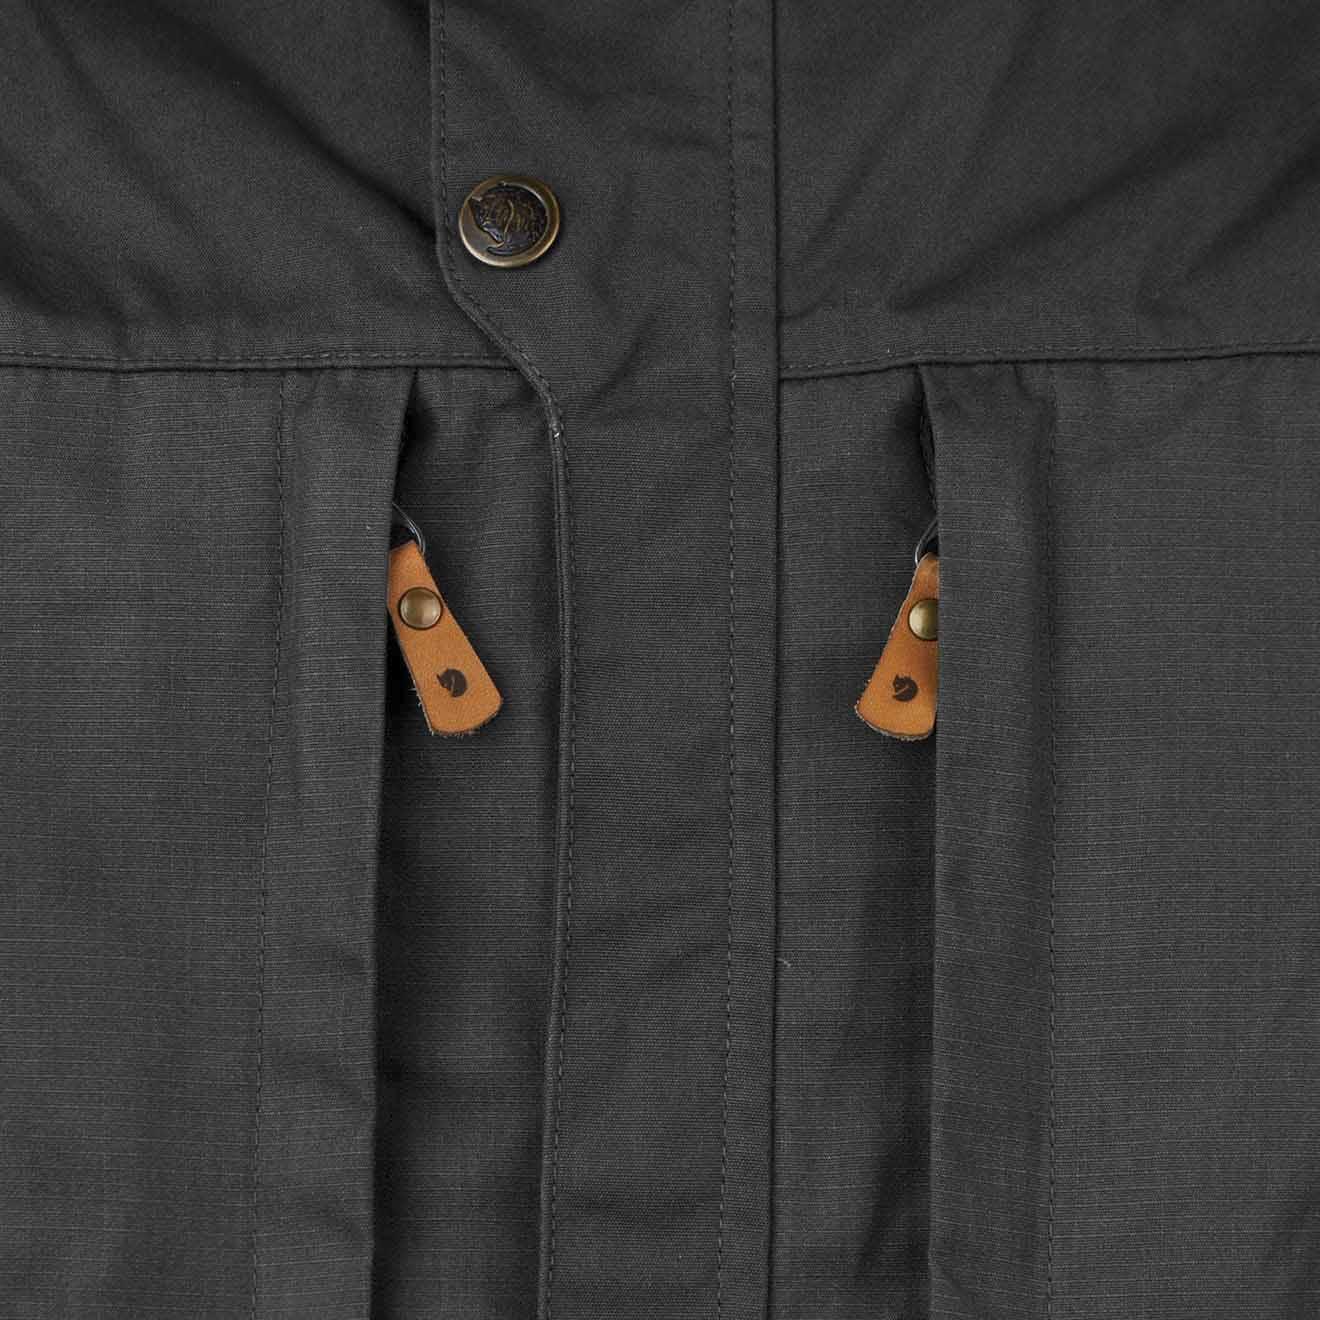 goed uit x waar te kopen bespaar Fjallraven Skogso Jacket Dark Grey - The Sporting Lodge